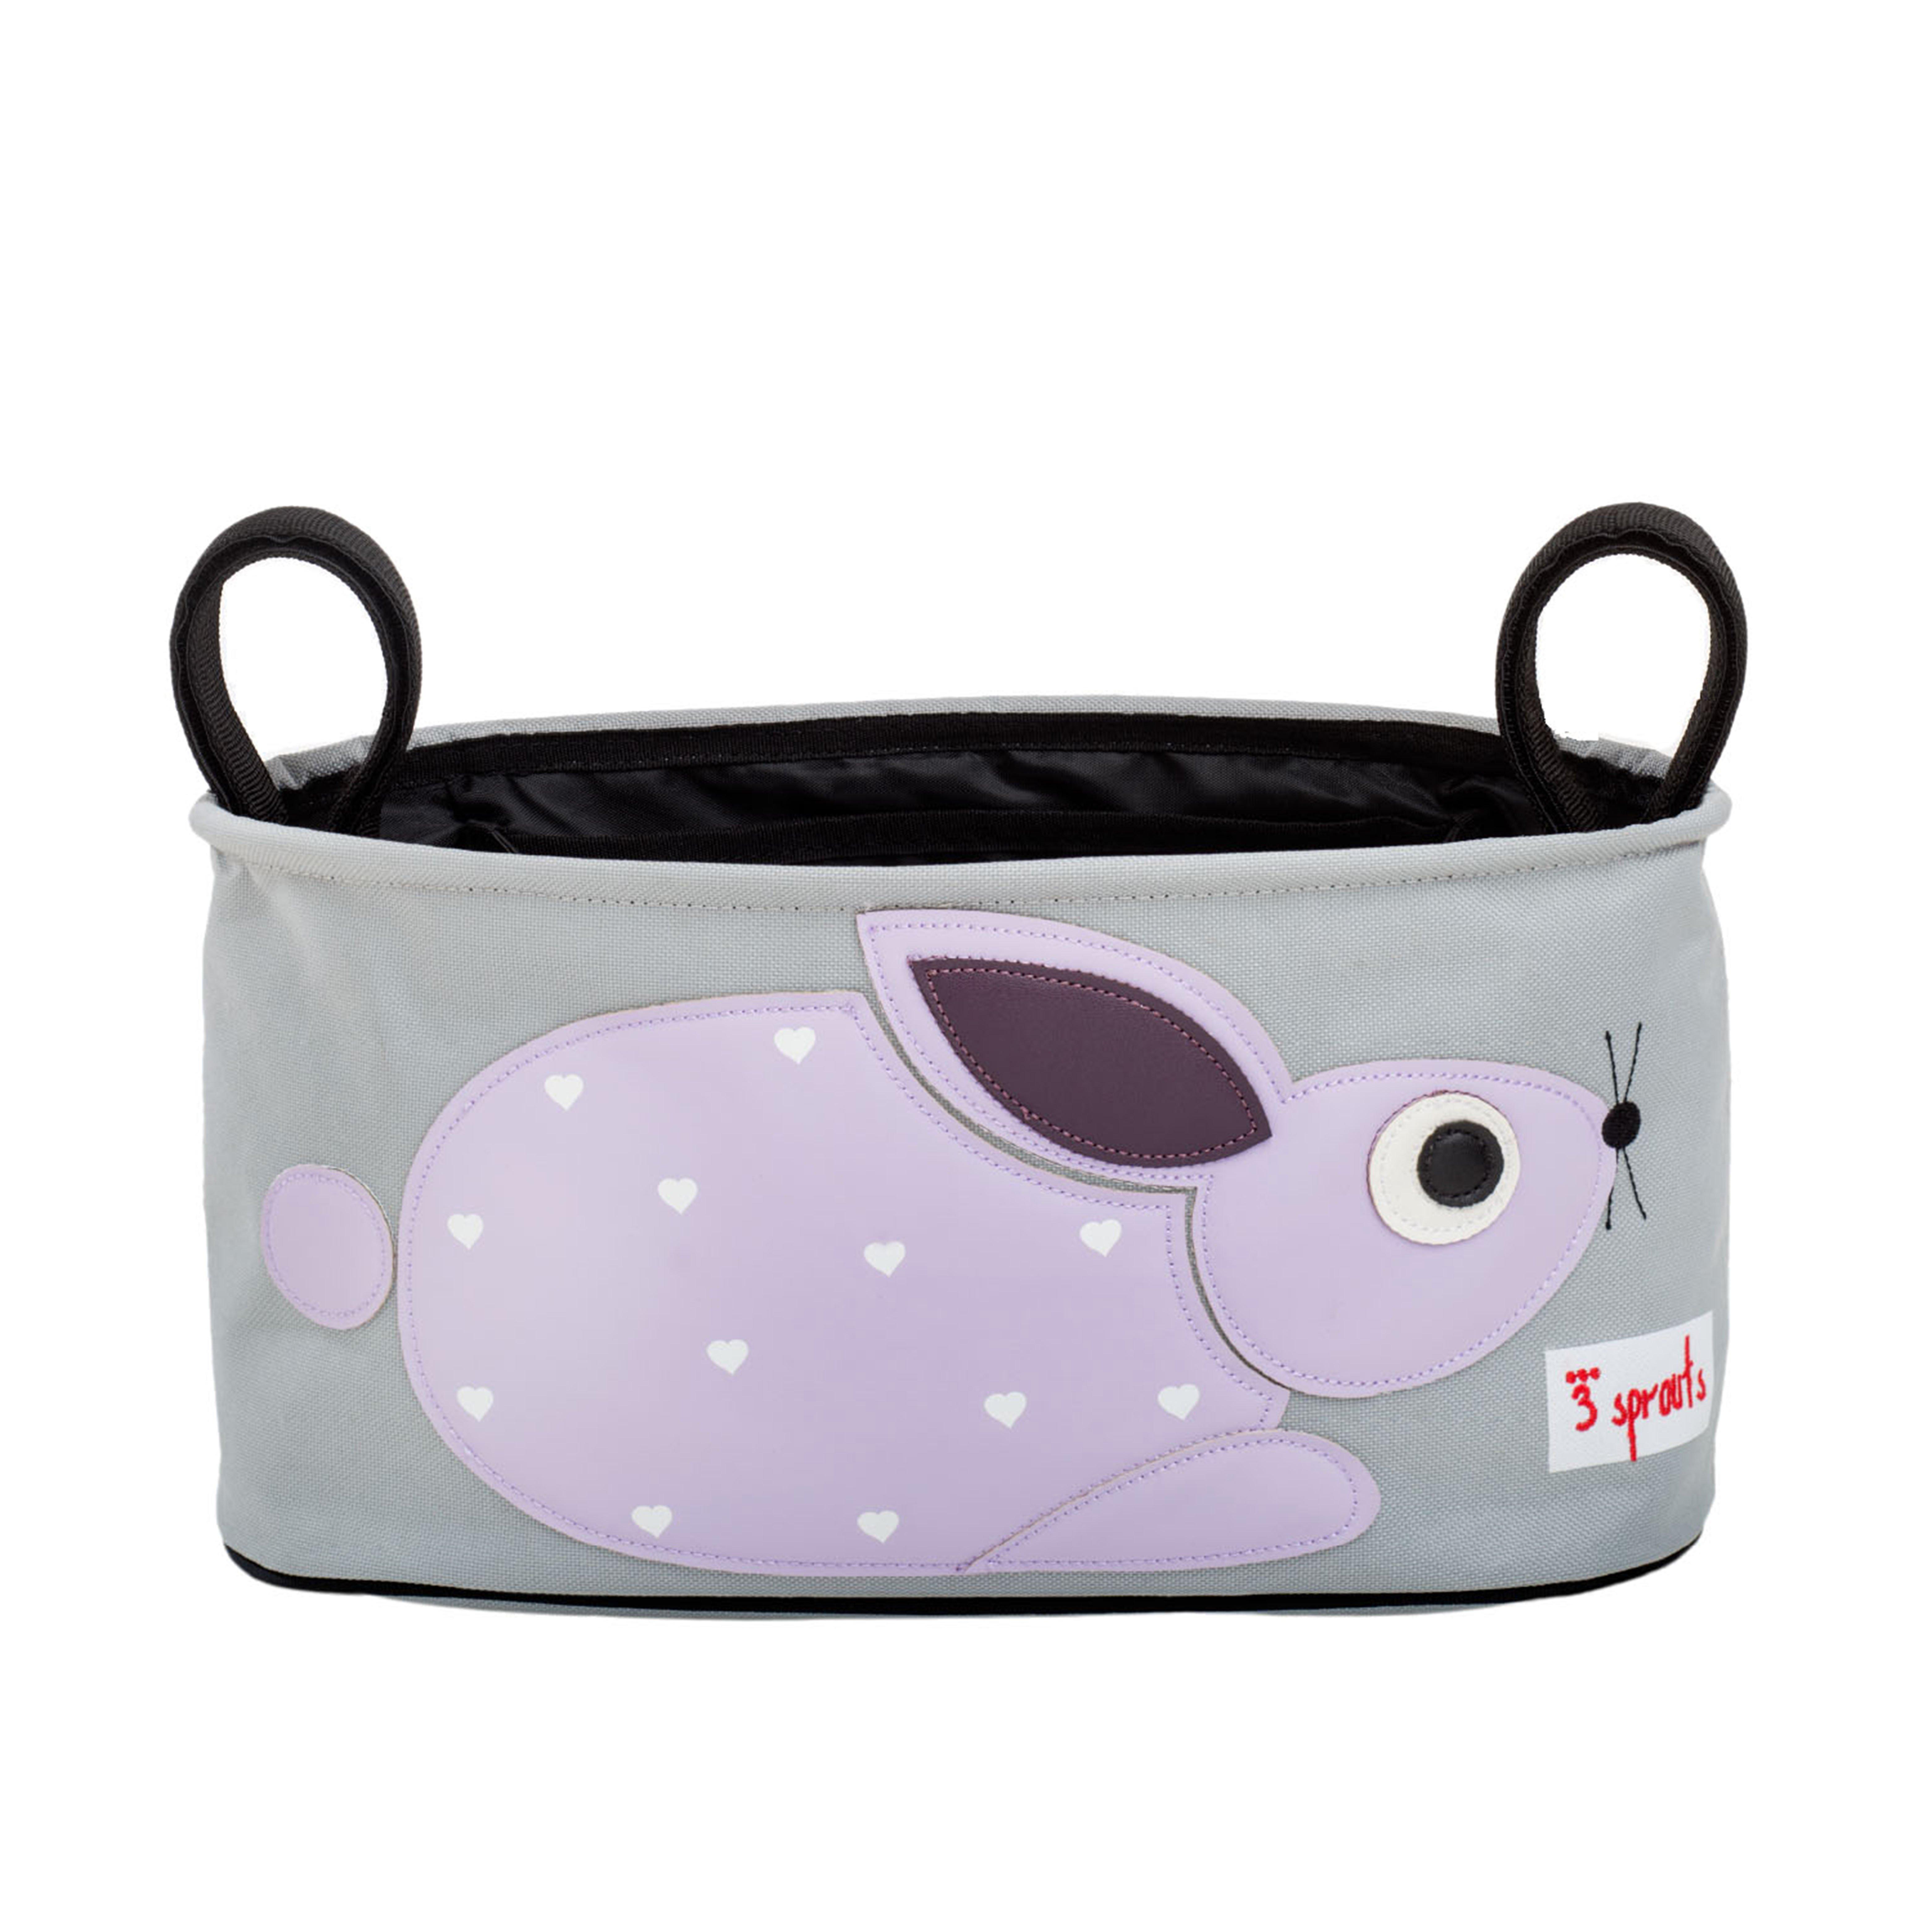 3 Sprouts - Stroller Organizer - Purple Rabbit